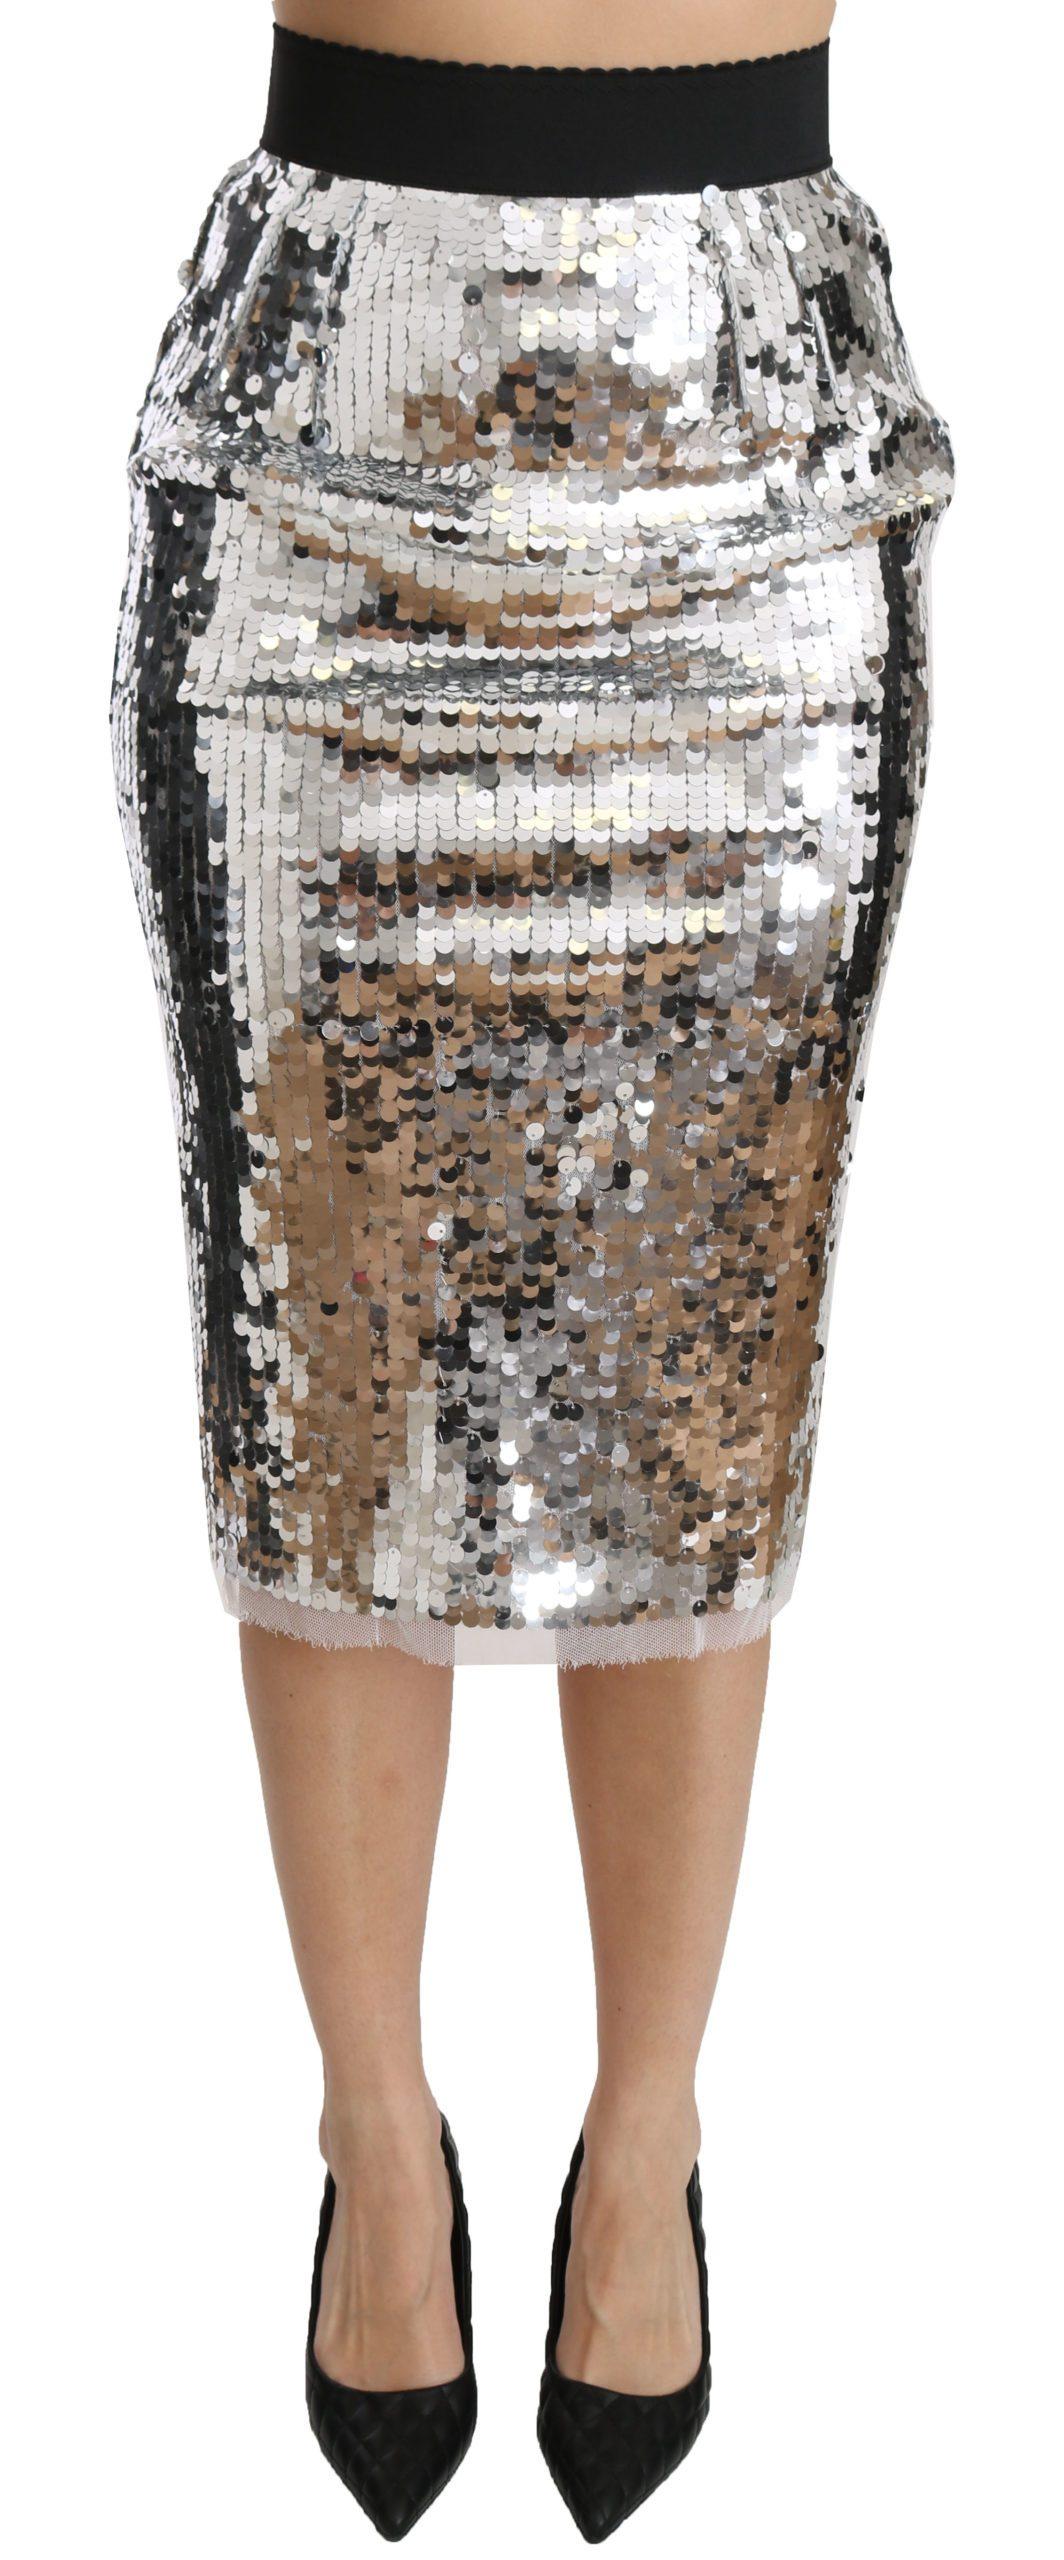 Dolce & Gabbana Women's Sequined Pencil Cut High Waist Skirt Silver SKI1369 - IT38|XS